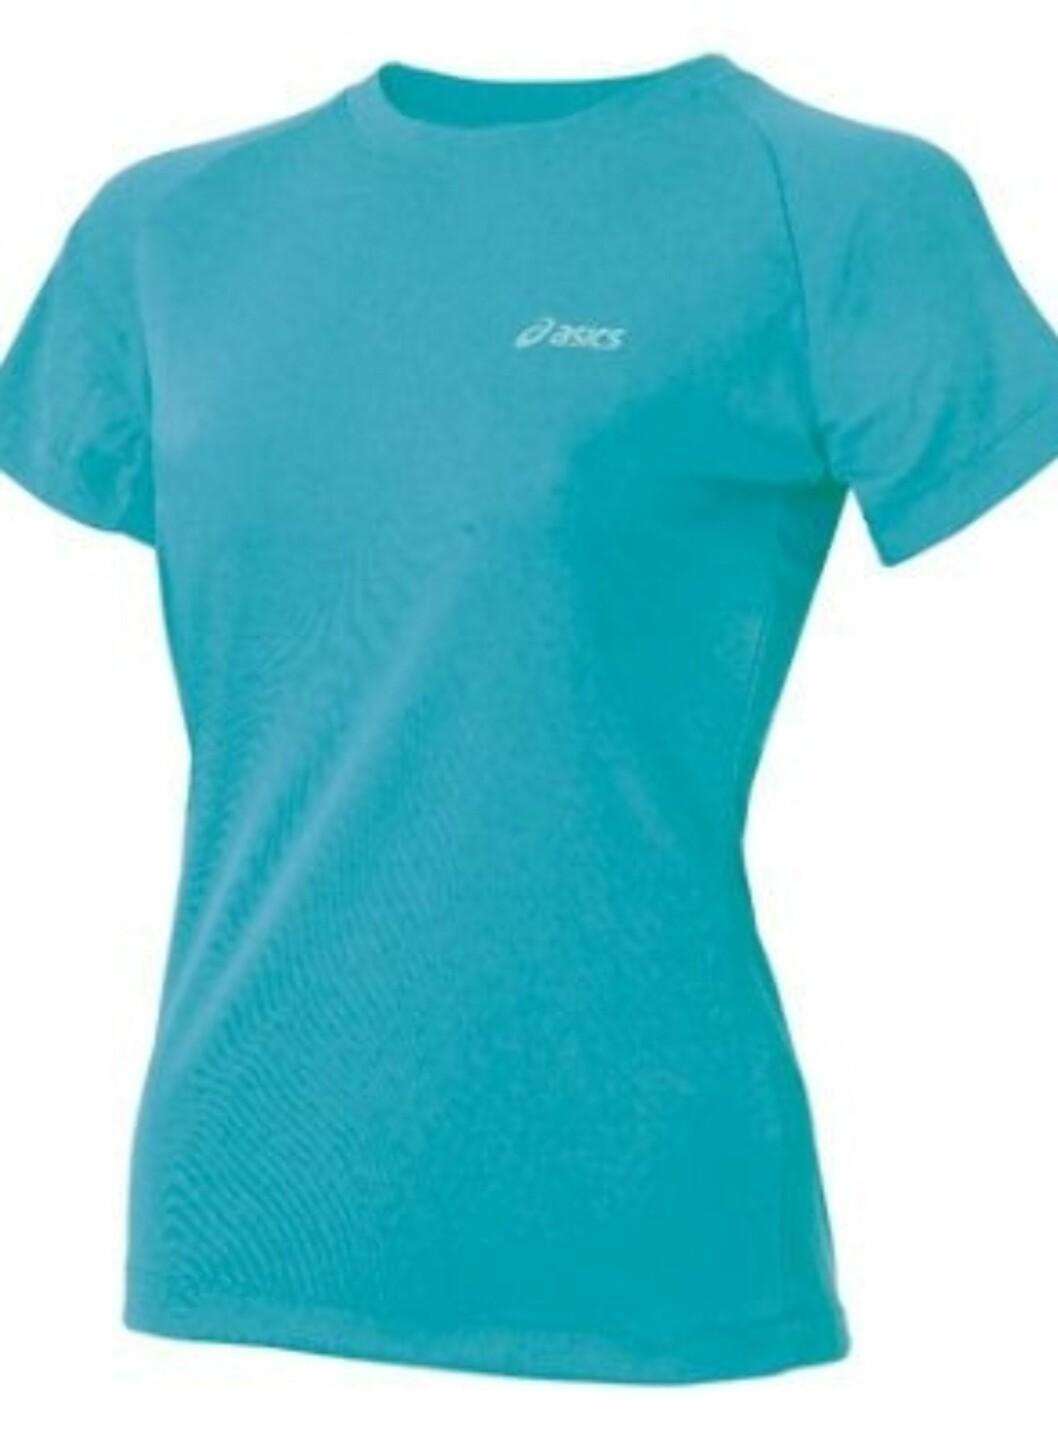 Knallblå trenings-tskjorte fra Asics i pustende stoff. 99 kroner fra Gsport.no.  Foto: Produsenten